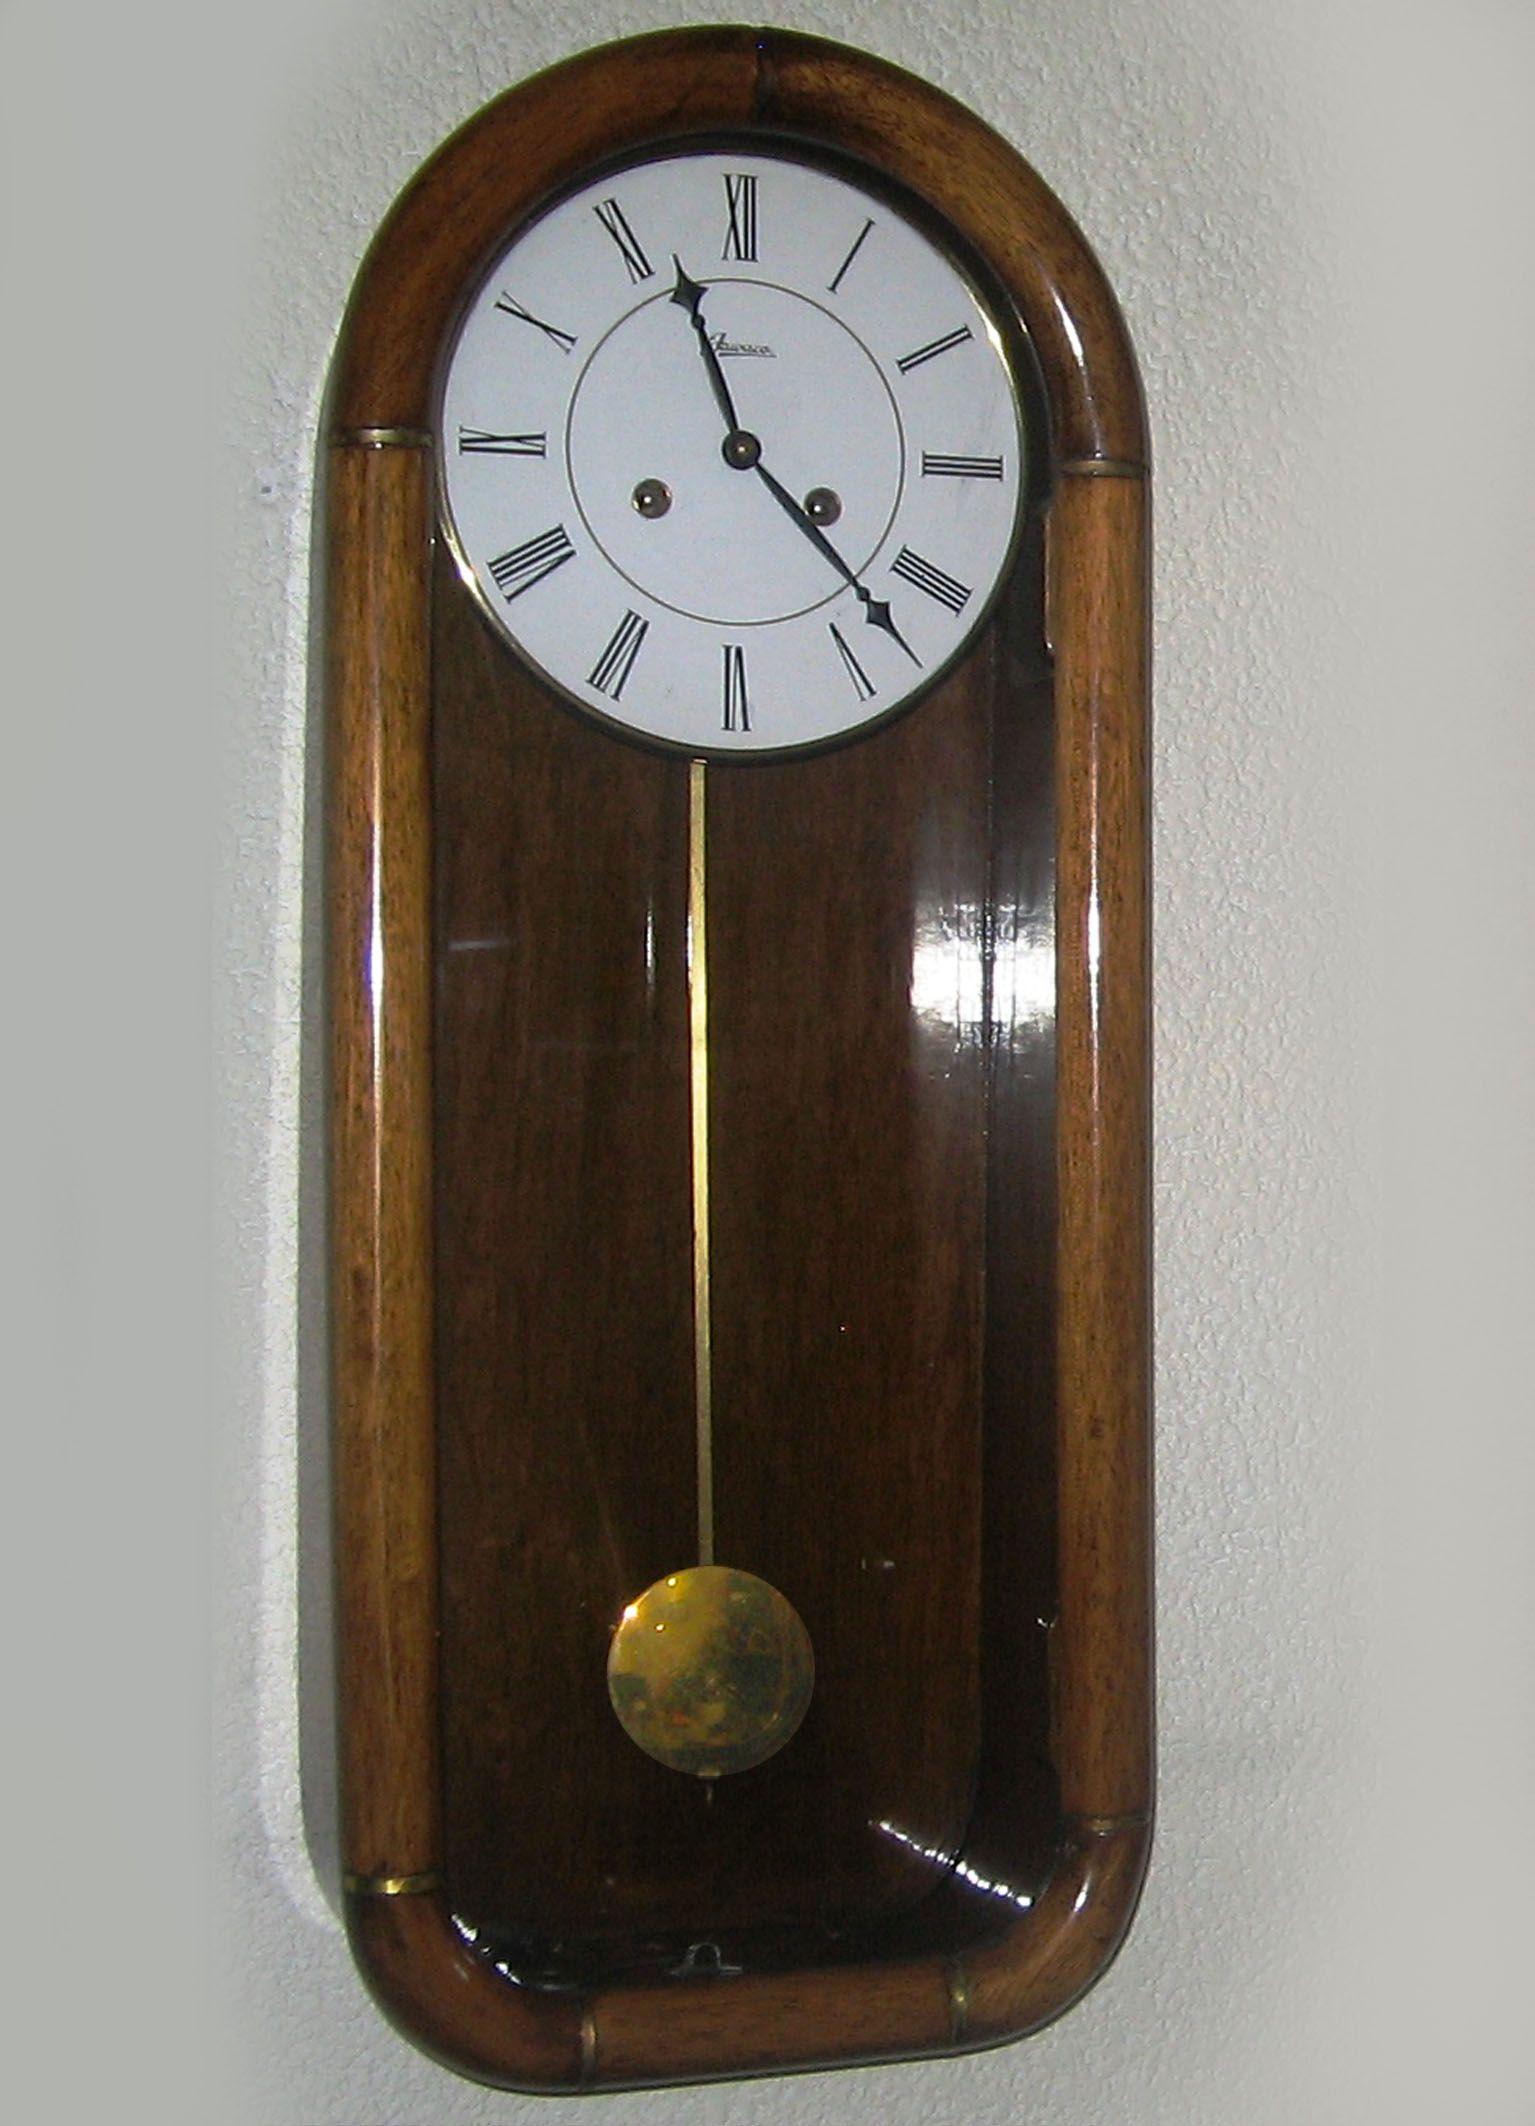 5f7913f16b70 fotos de relojes antiguos - Buscar con Google